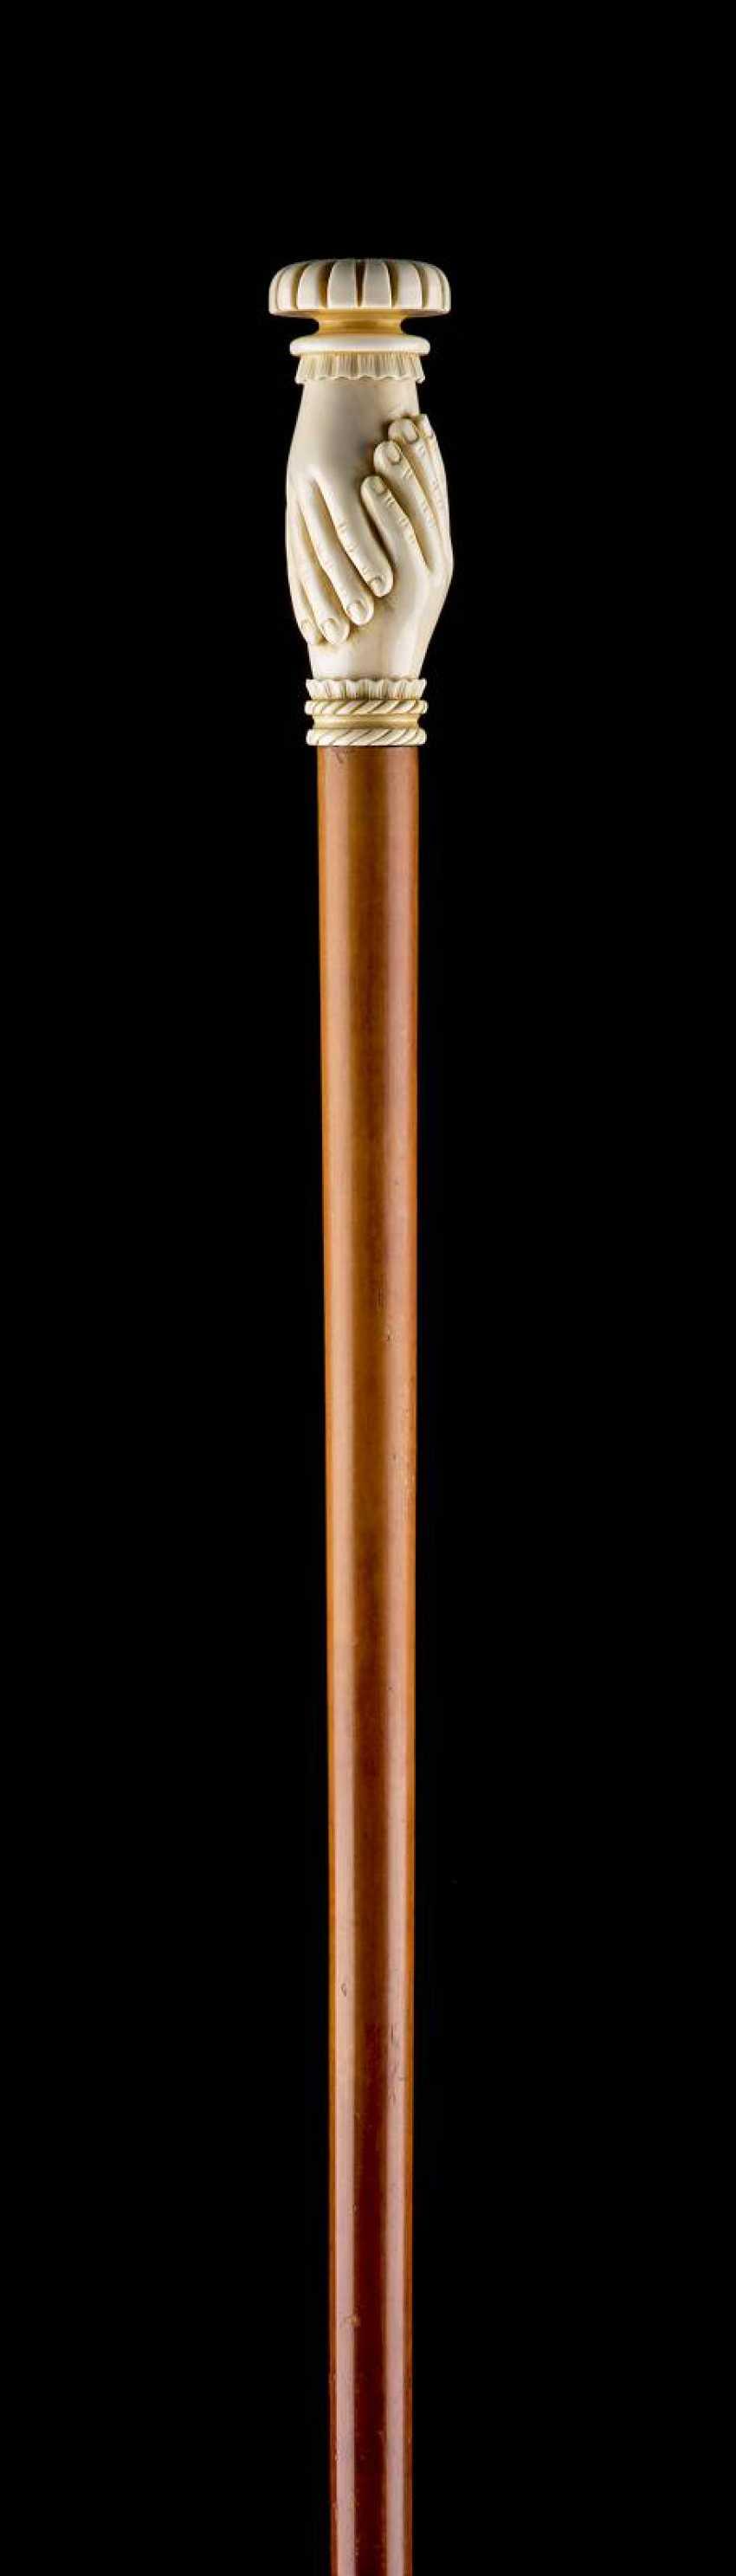 Walking stick - photo 1